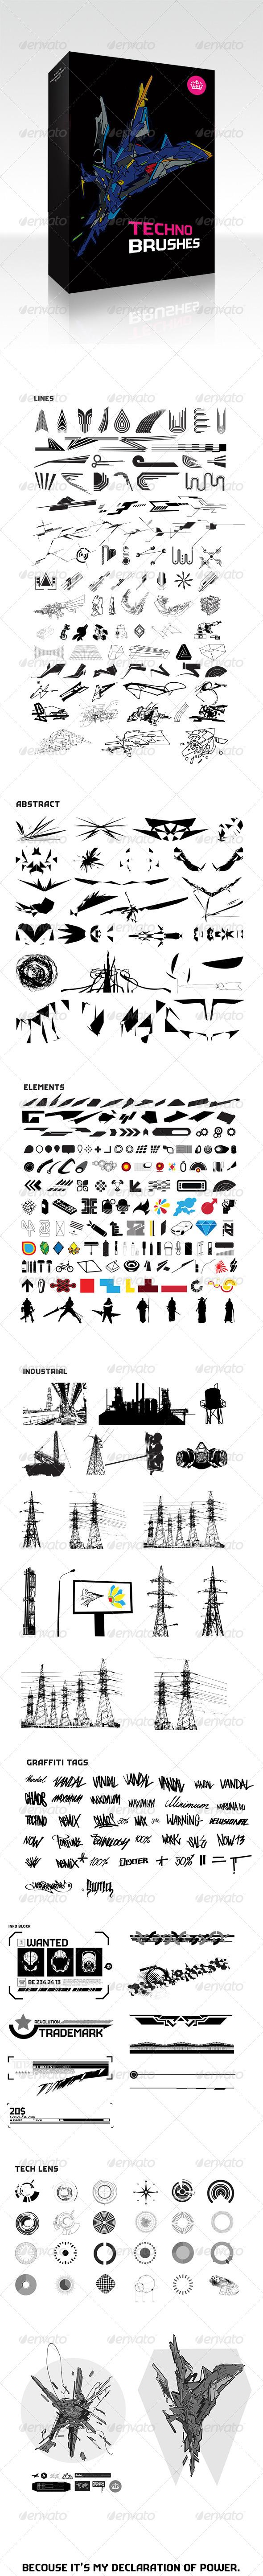 GraphicRiver 400 Techno Brushes 4430127